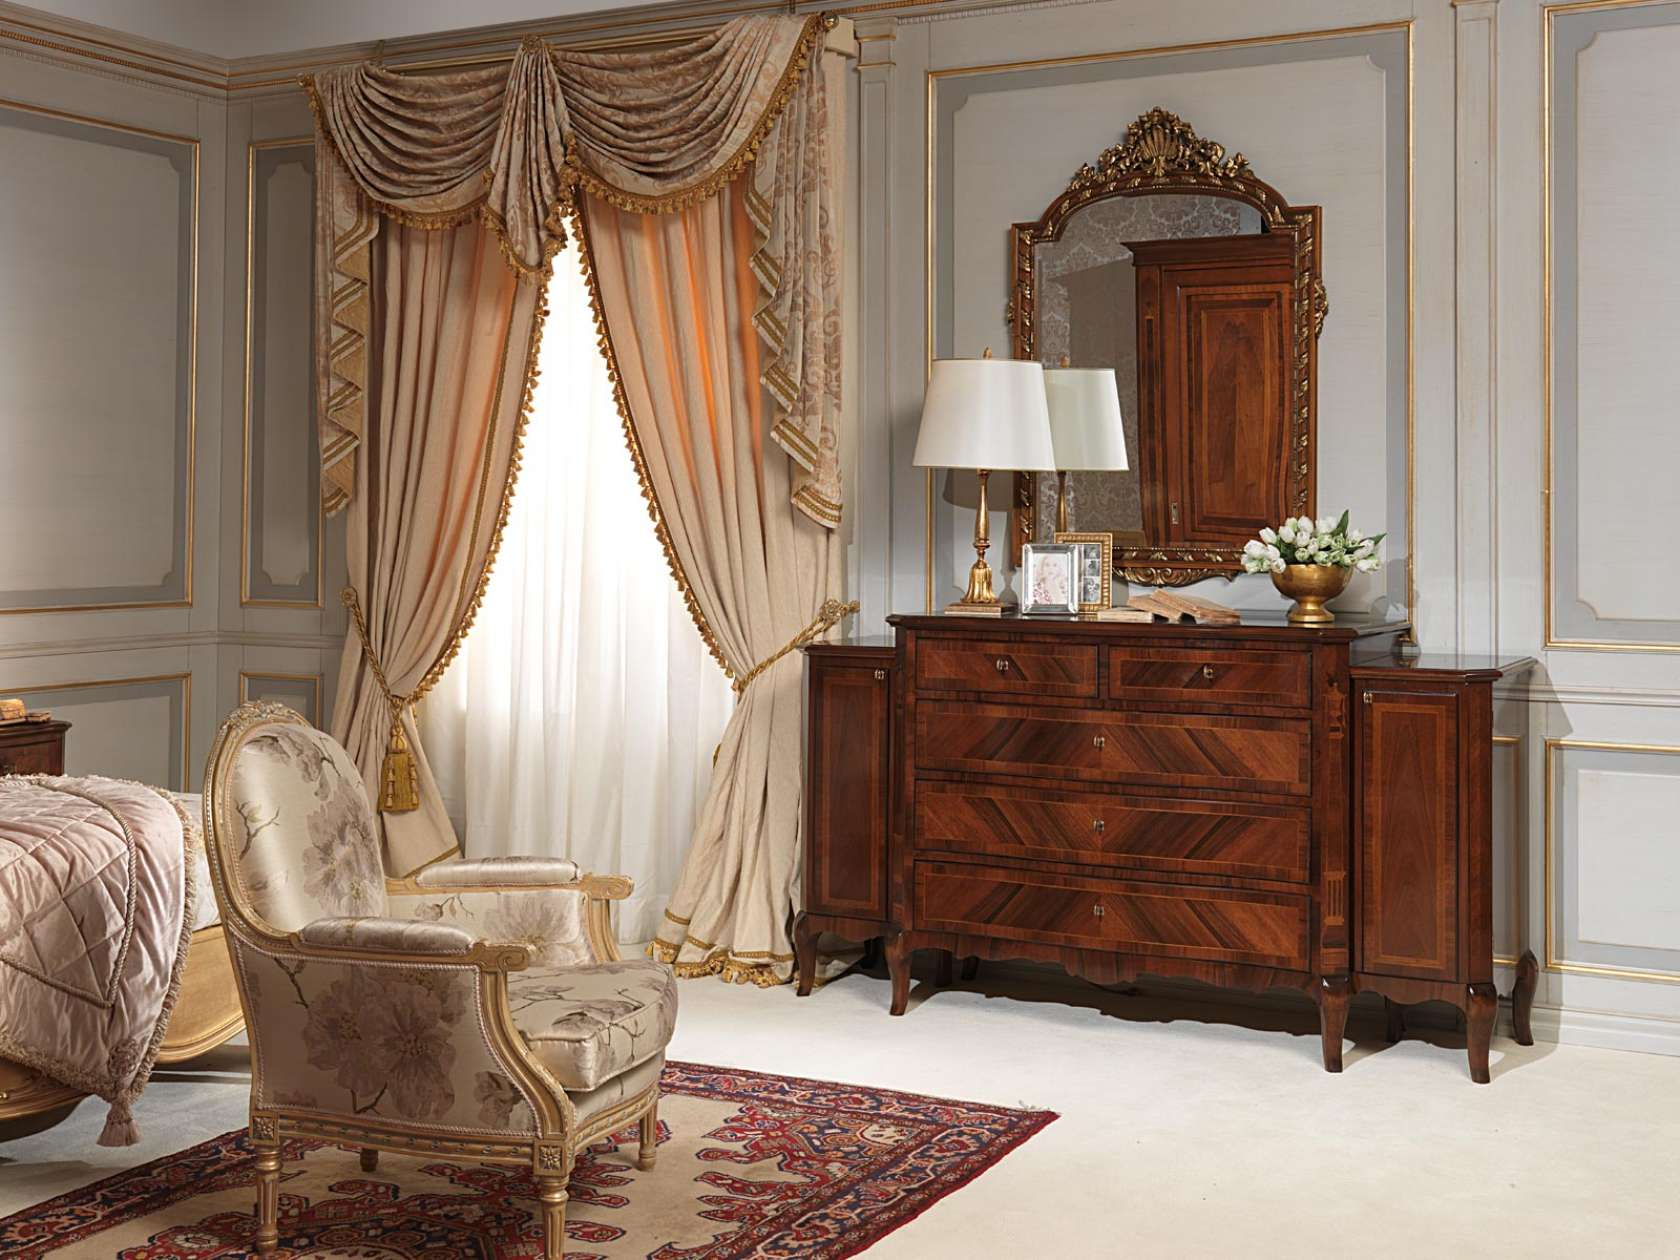 Camera da letto 800 francese com in noce specchiera e poltroncina vimercati meda - Camera da letto in francese ...